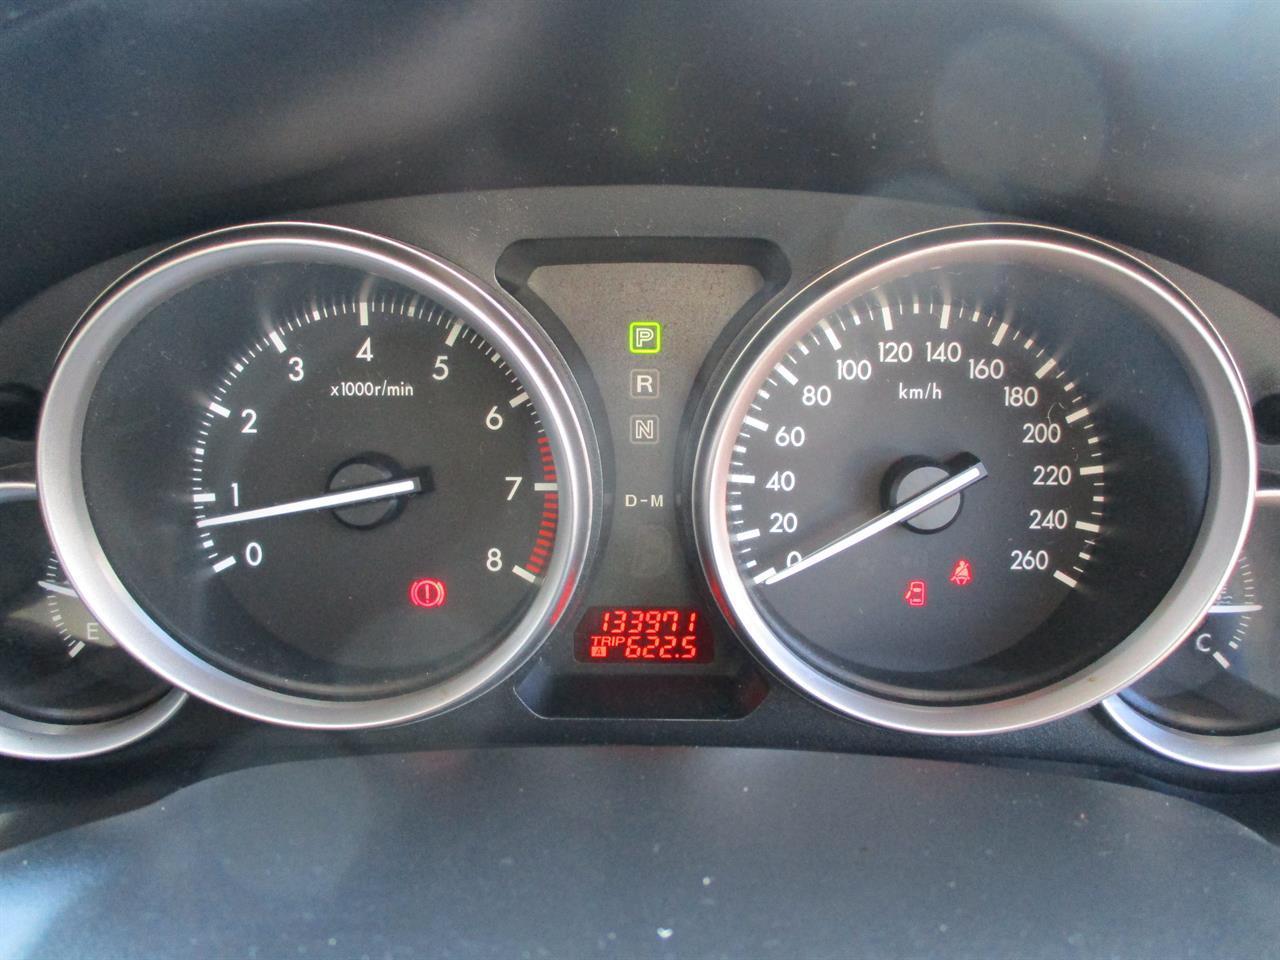 image-16, 2011 Mazda Mazda6 N GLX 2.0 5AT at Dunedin